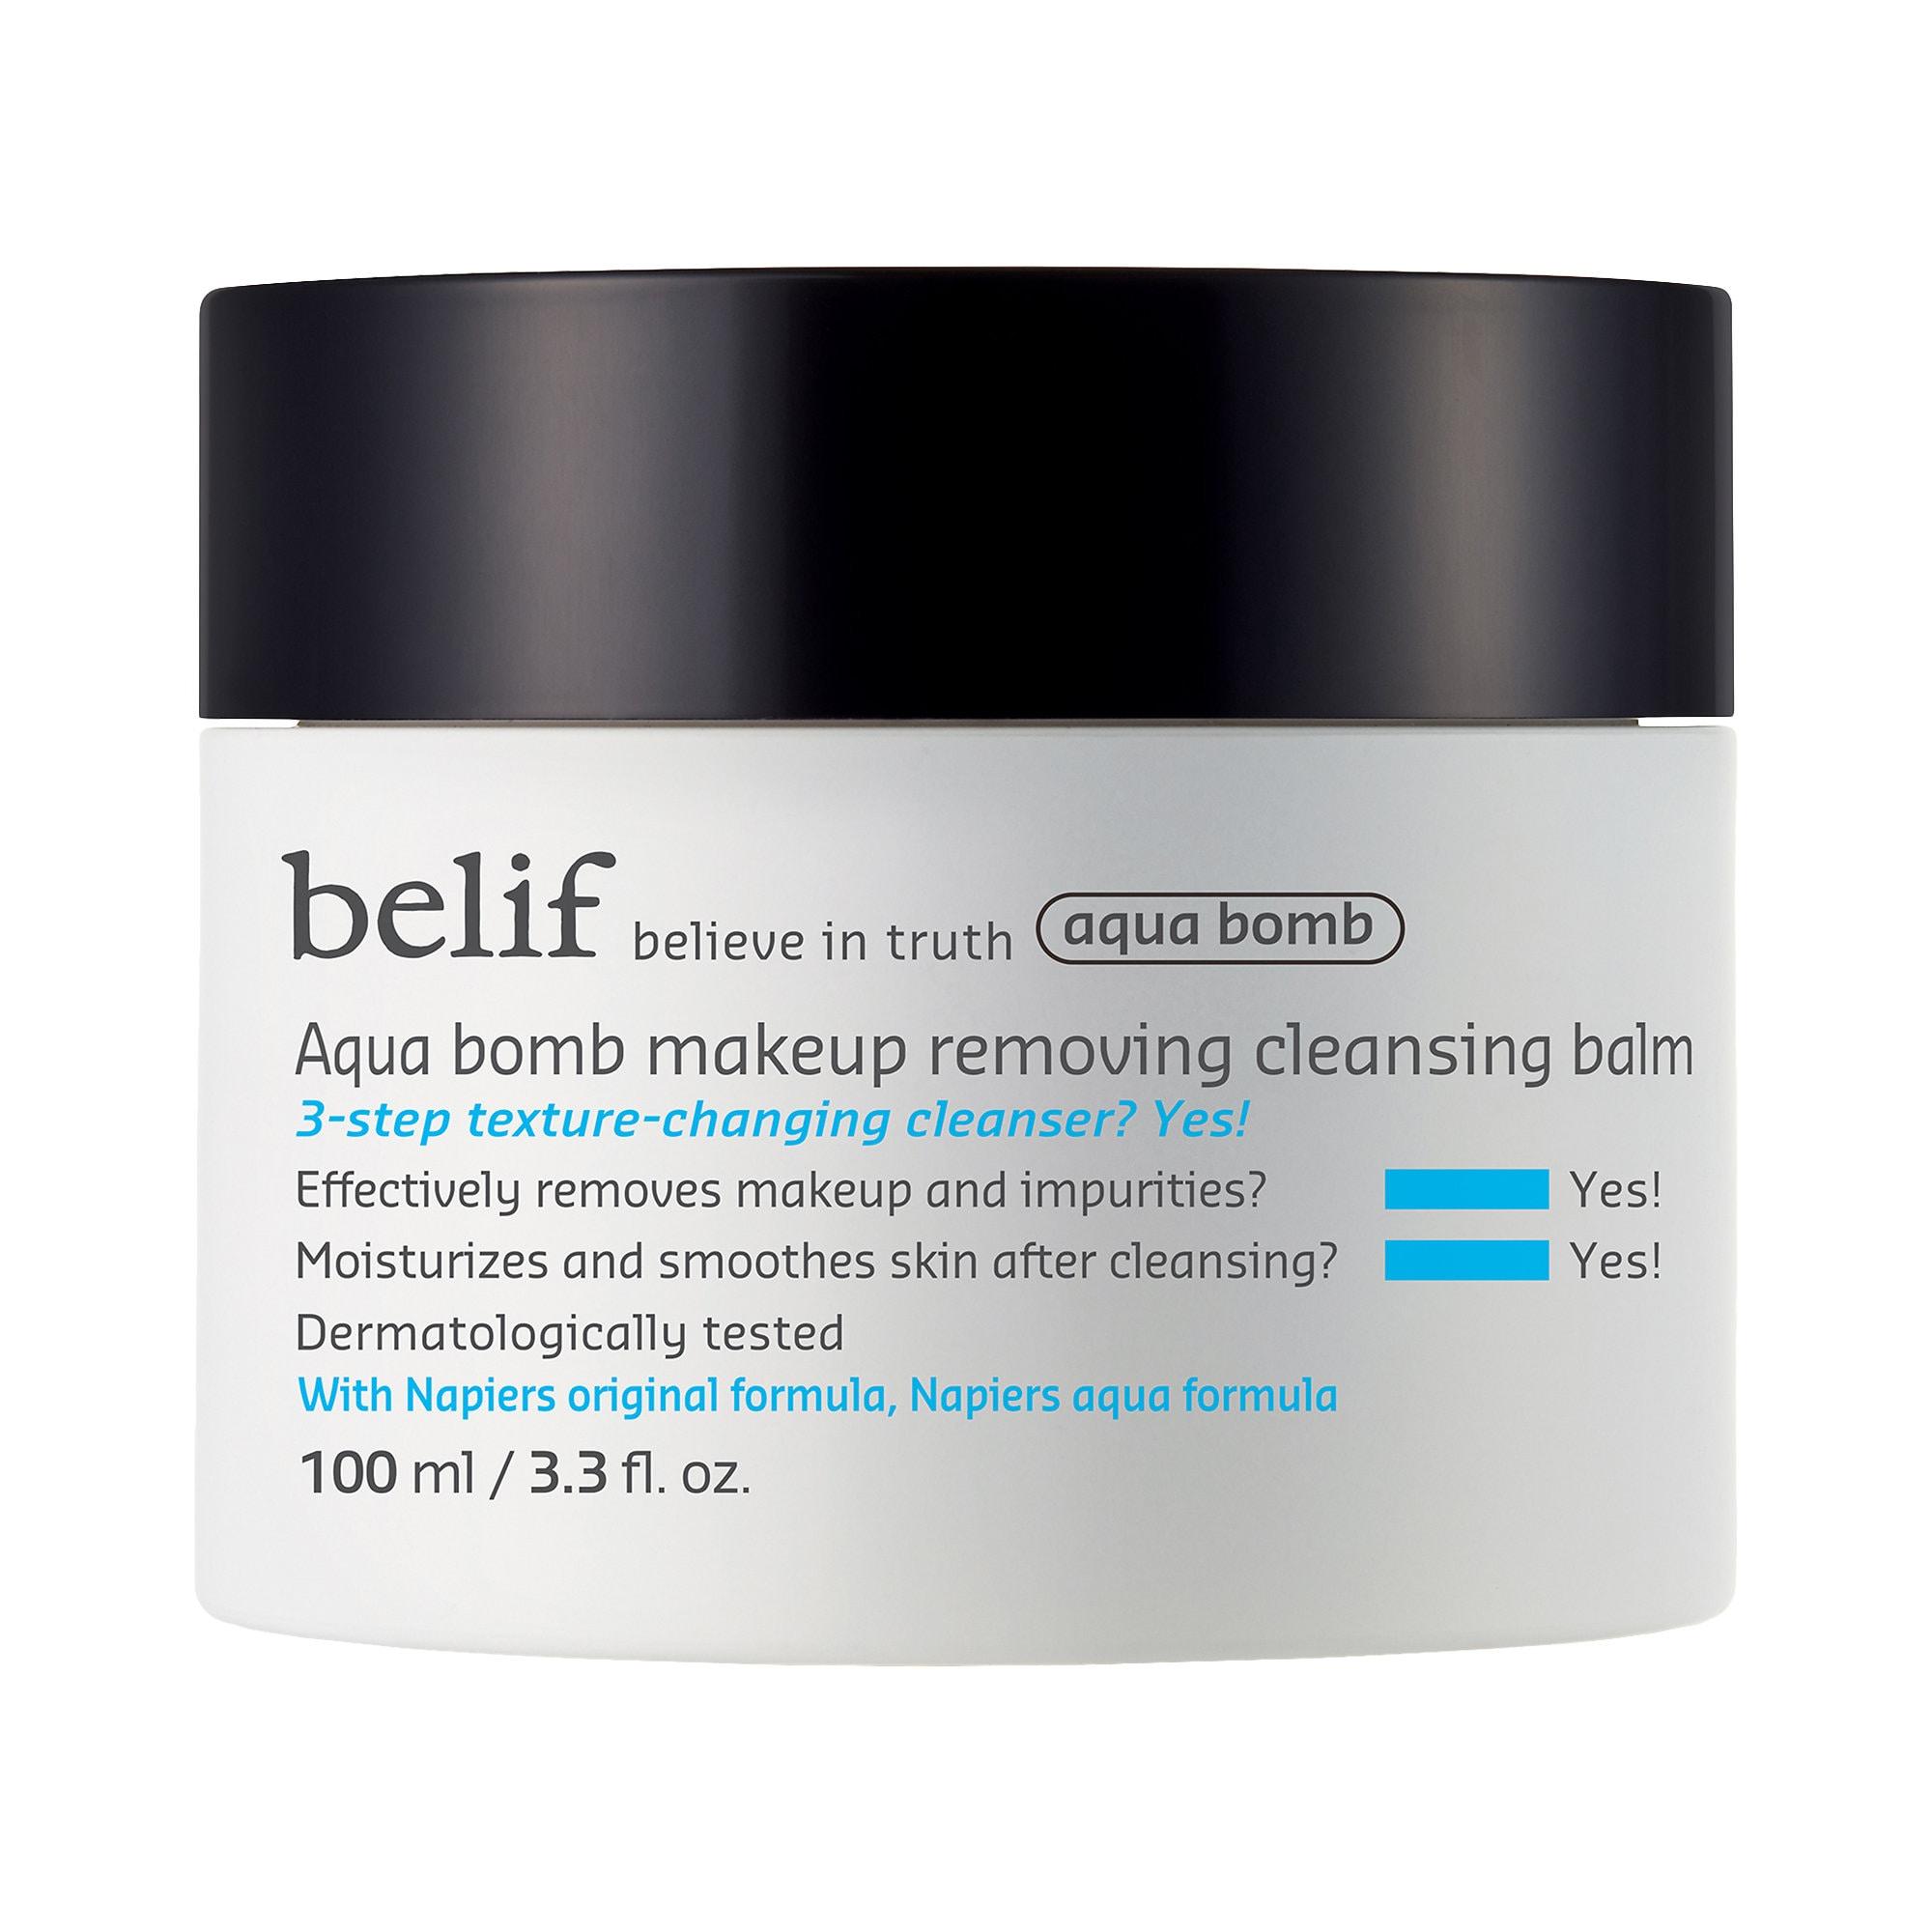 Belif - Aqua Bomb Cleansing Balm